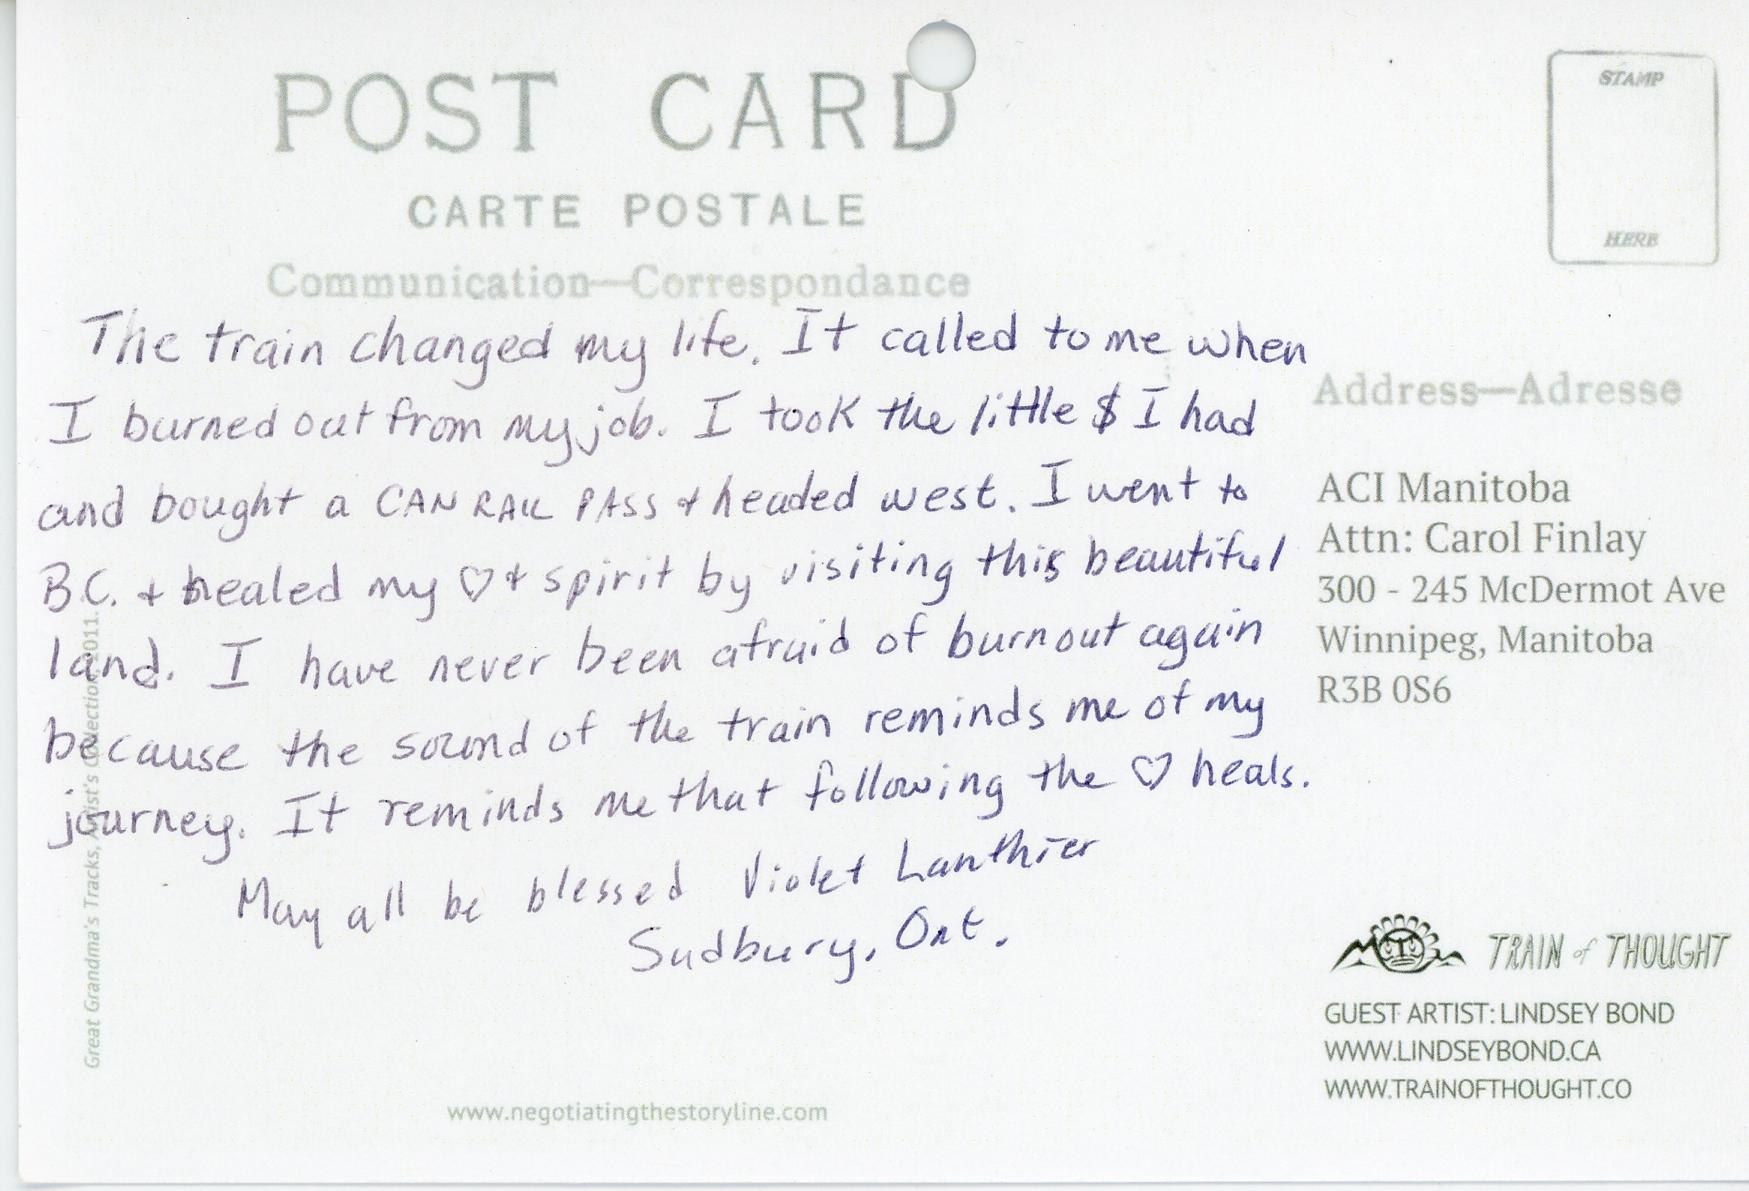 TOT_postcard026.jpg